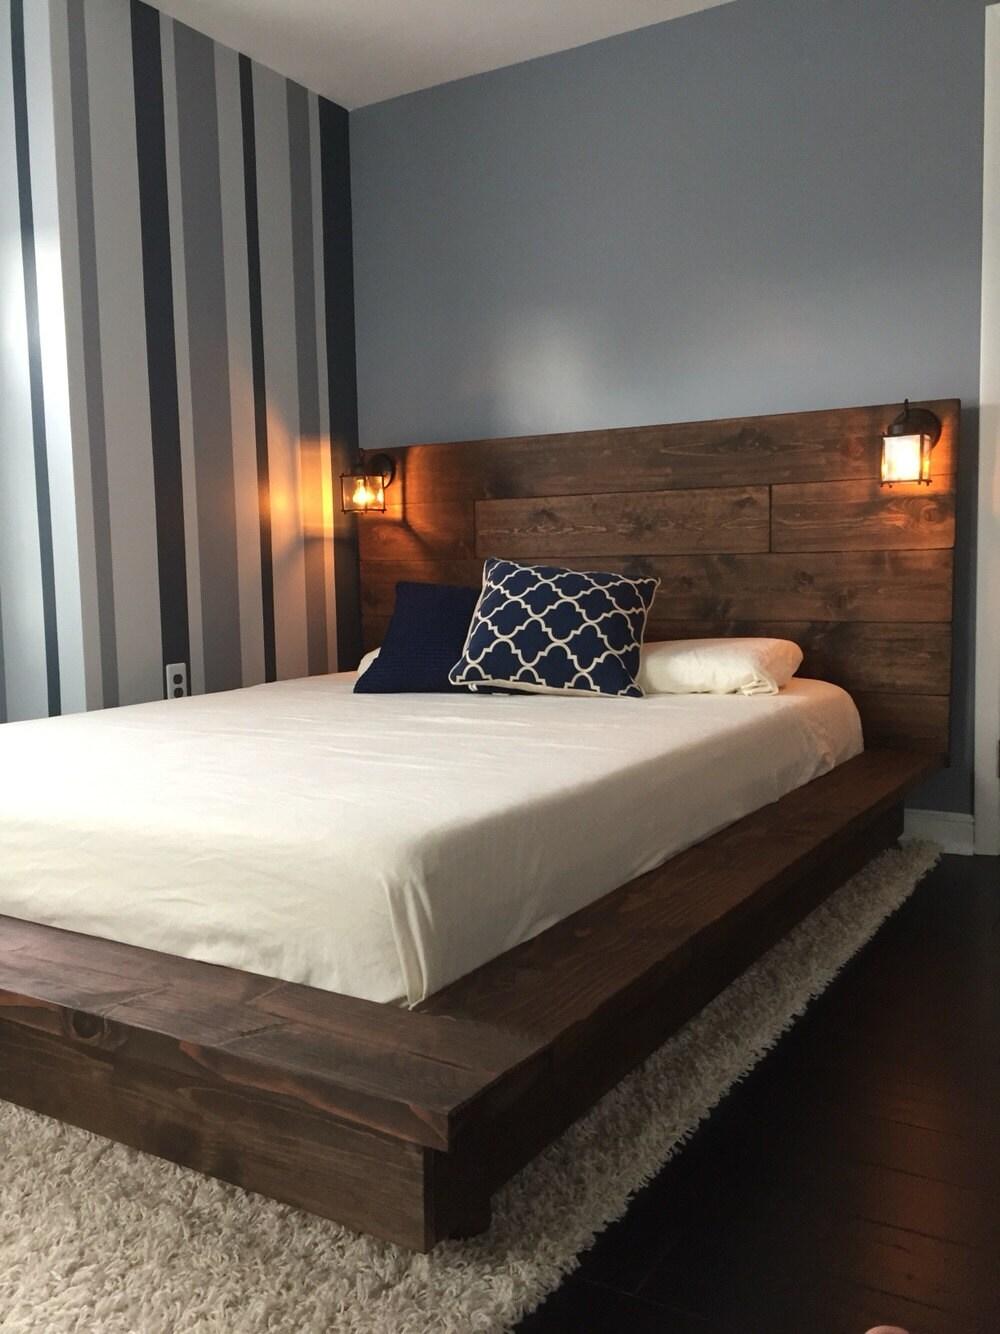 zoom - Wooden Platform Bed Frames